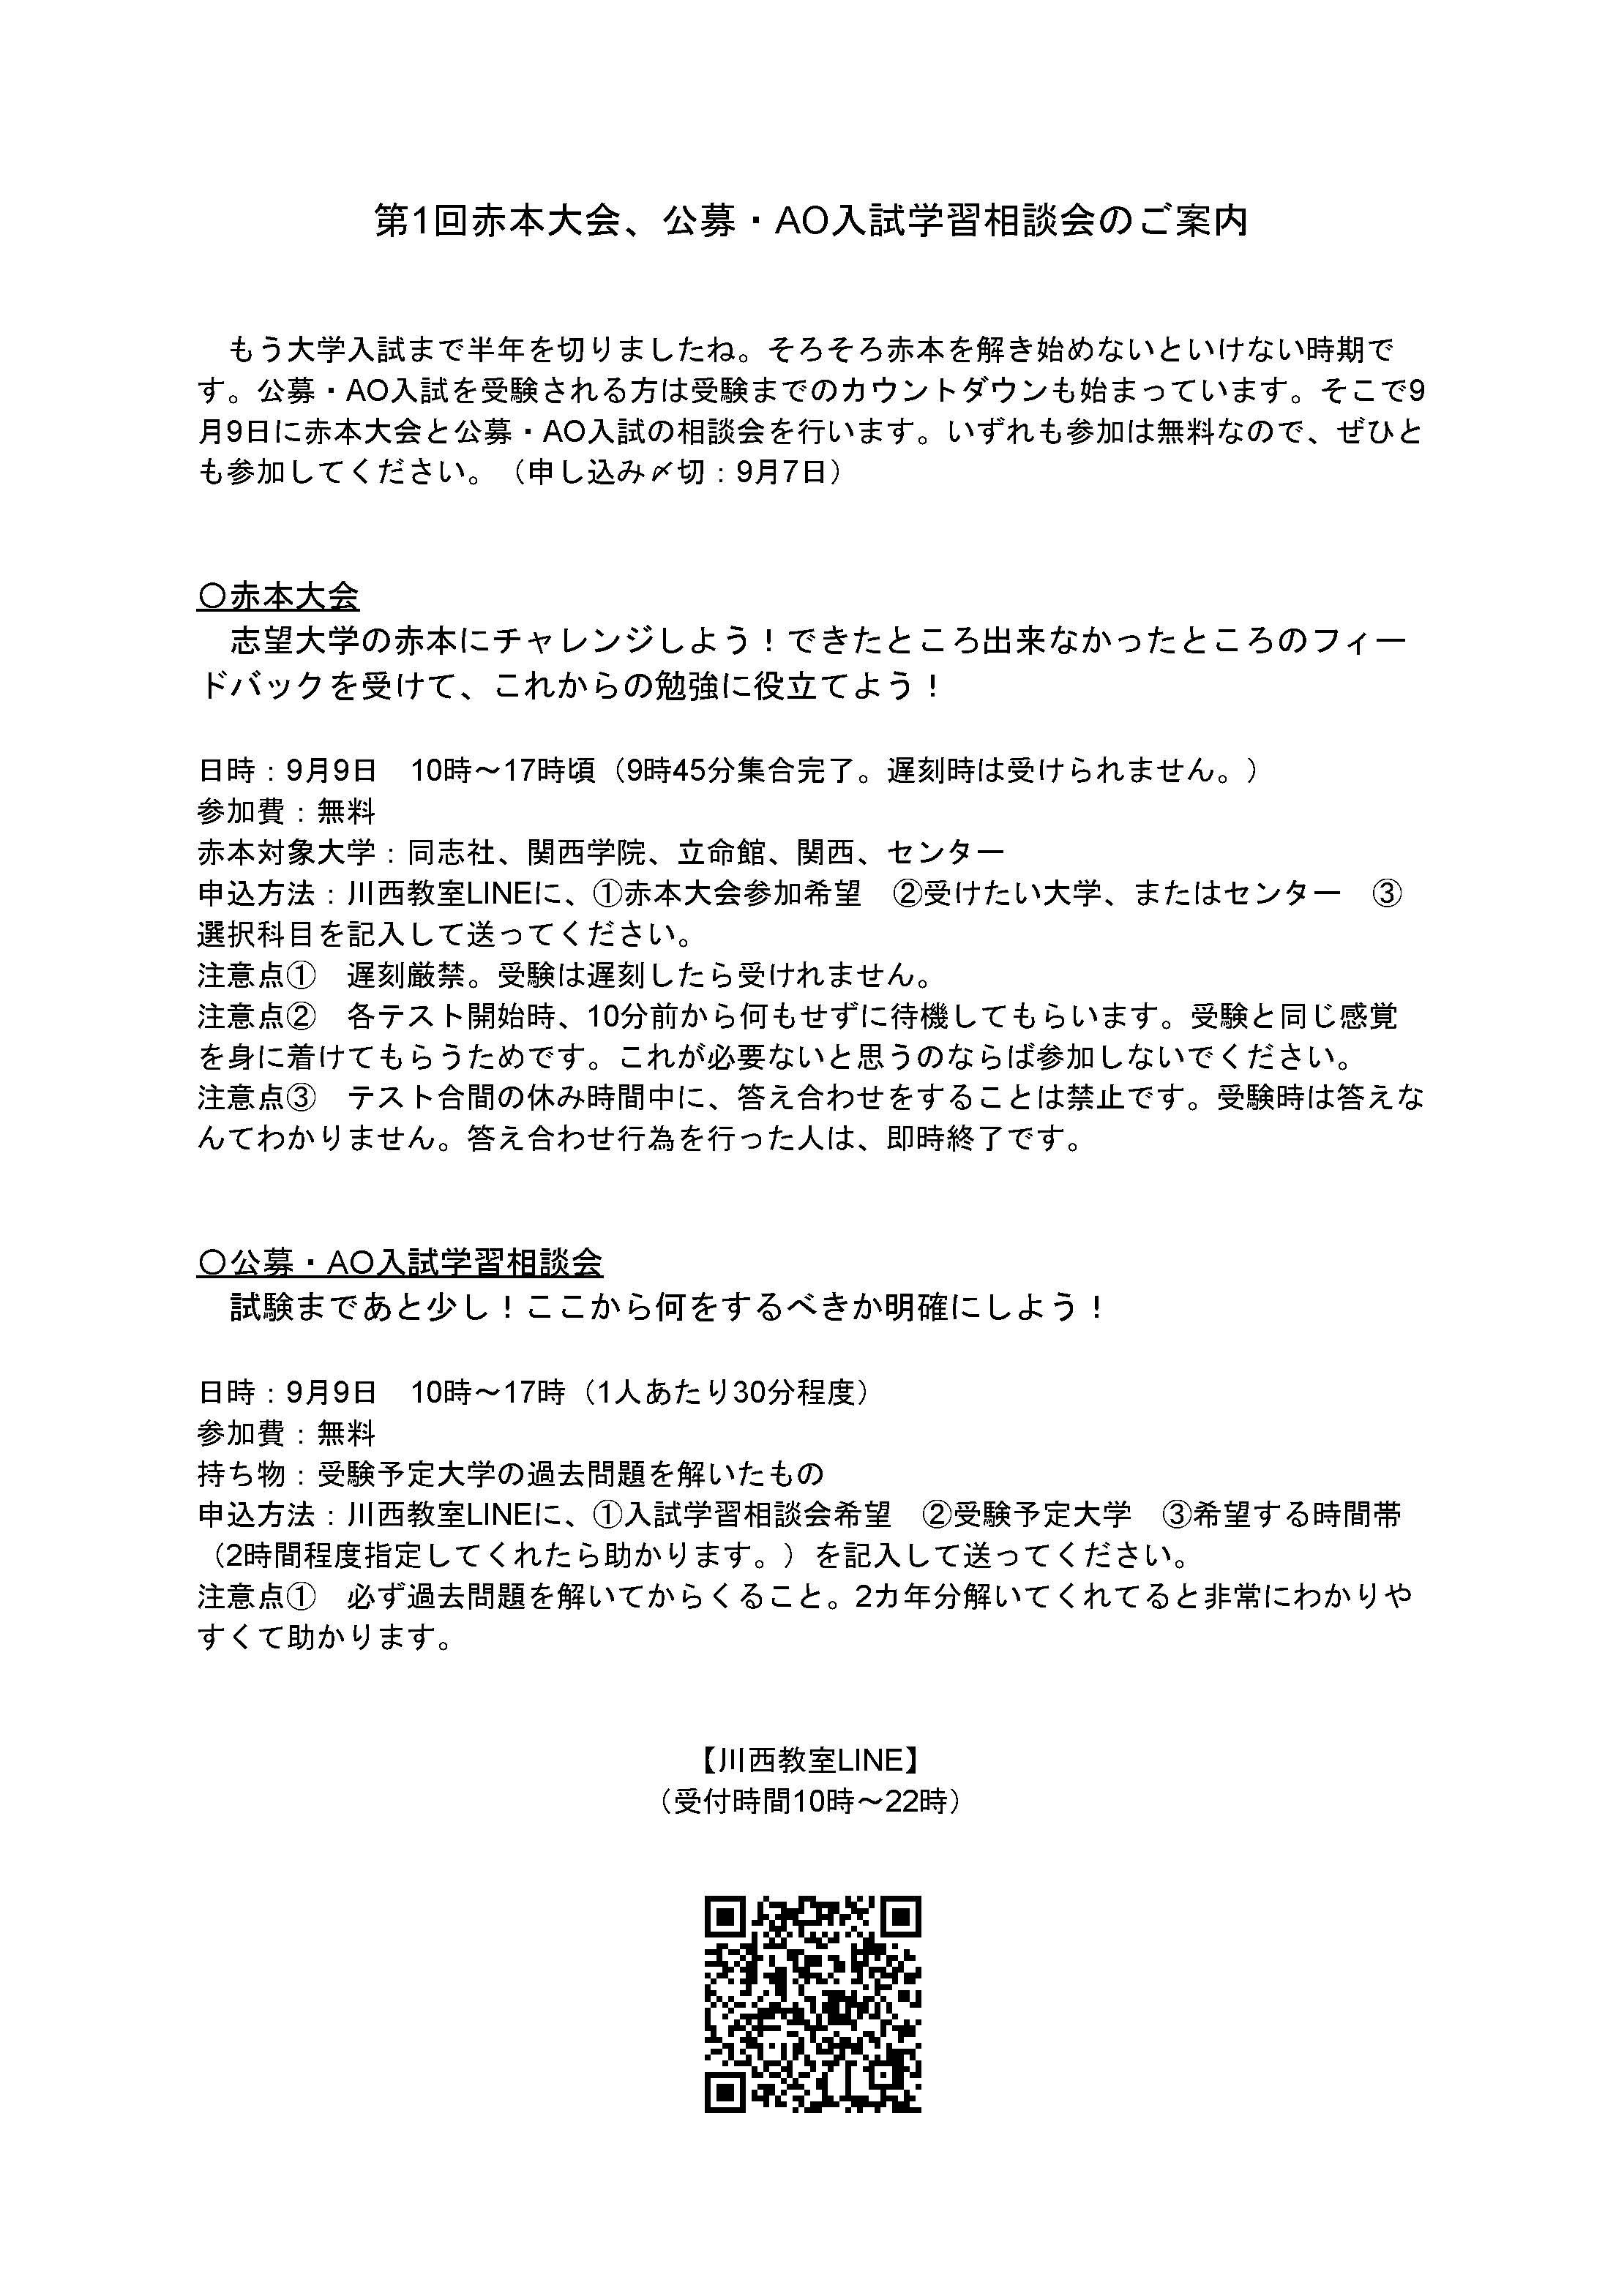 川西ー第1回赤本大会、公募・AO入試学習相談会のご案内